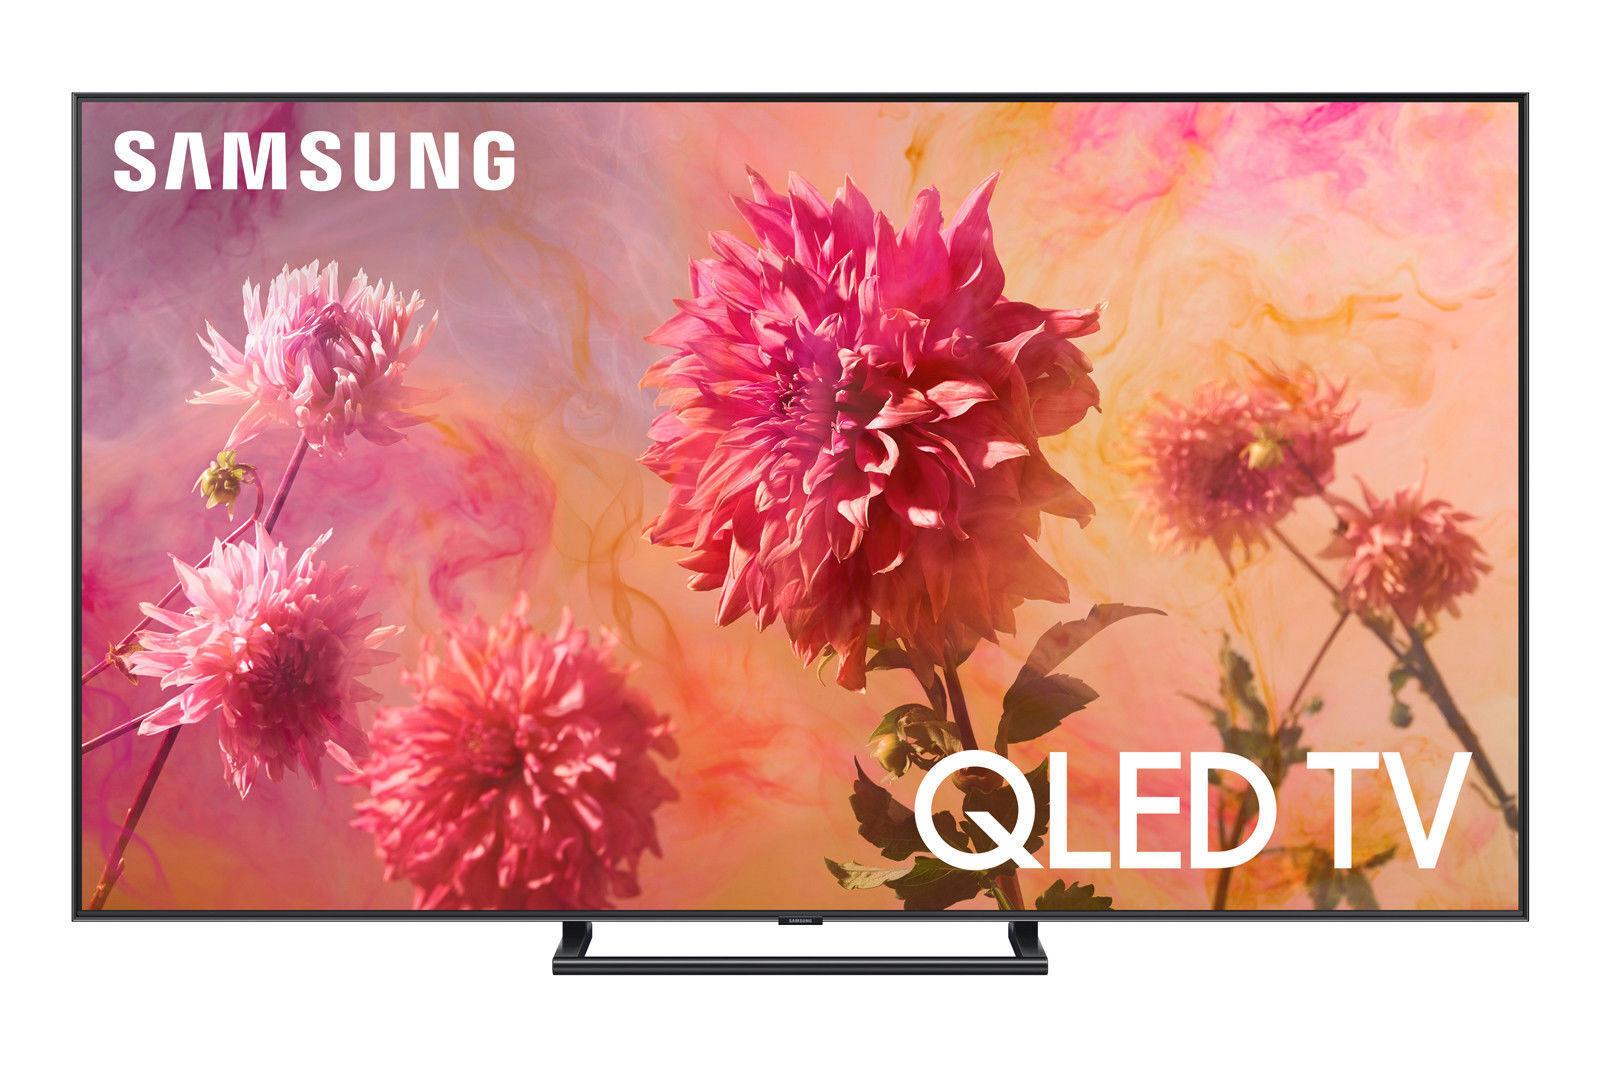 Samsung QN75Q9FN 75